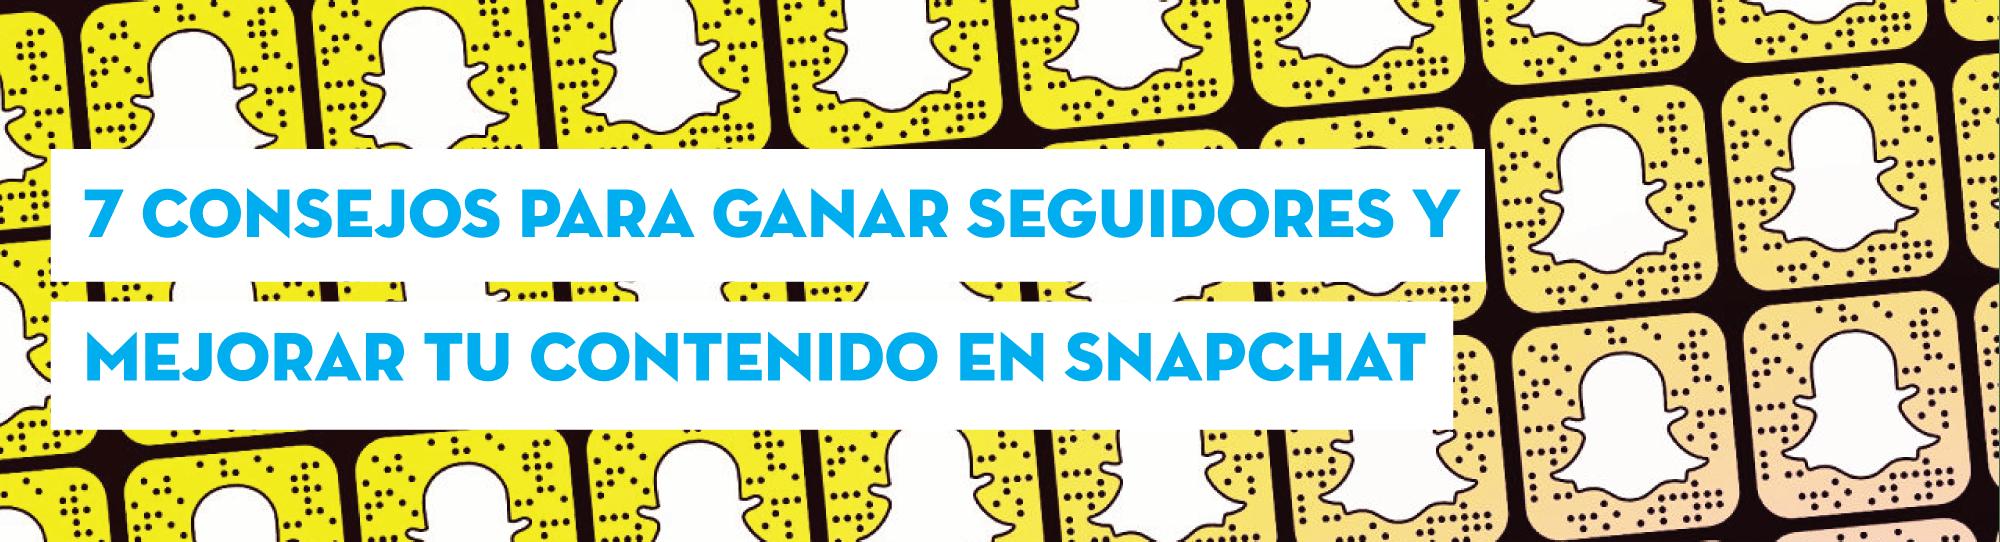 7 consejos para snapchat guayaquil ecuador redes sociales página web